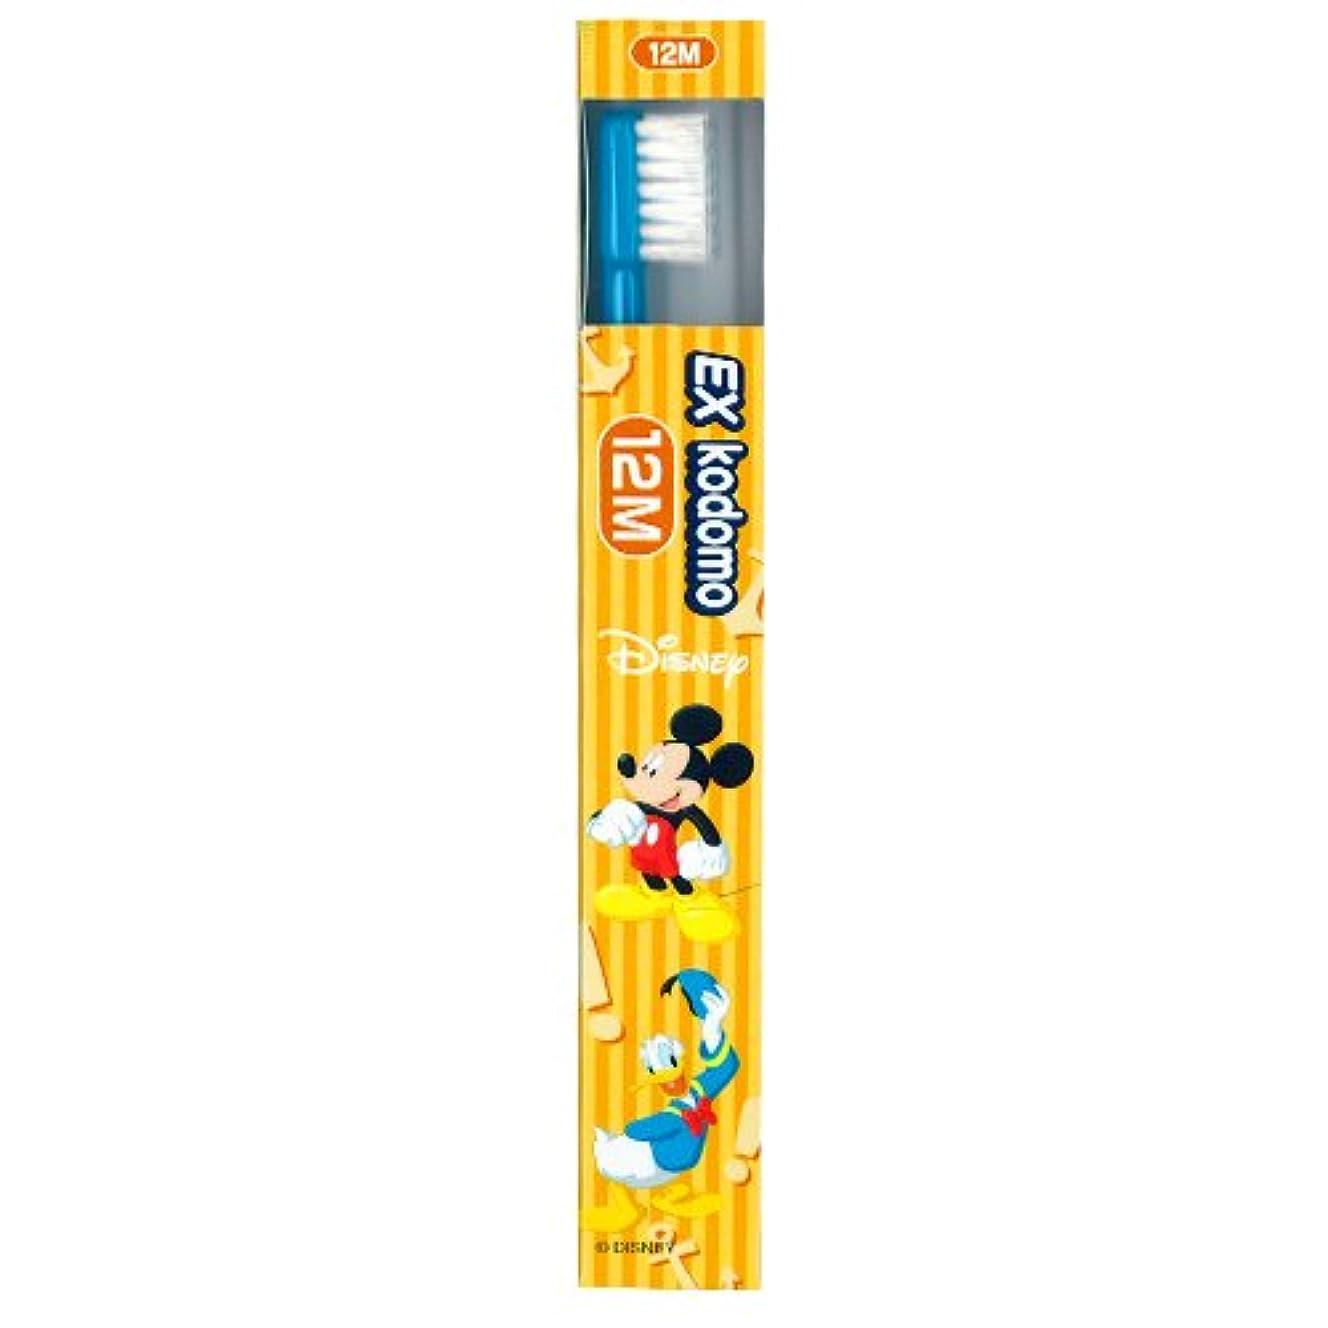 アーティストむしろ座るライオン EX kodomo ディズニー 歯ブラシ 1本 12M ブルー